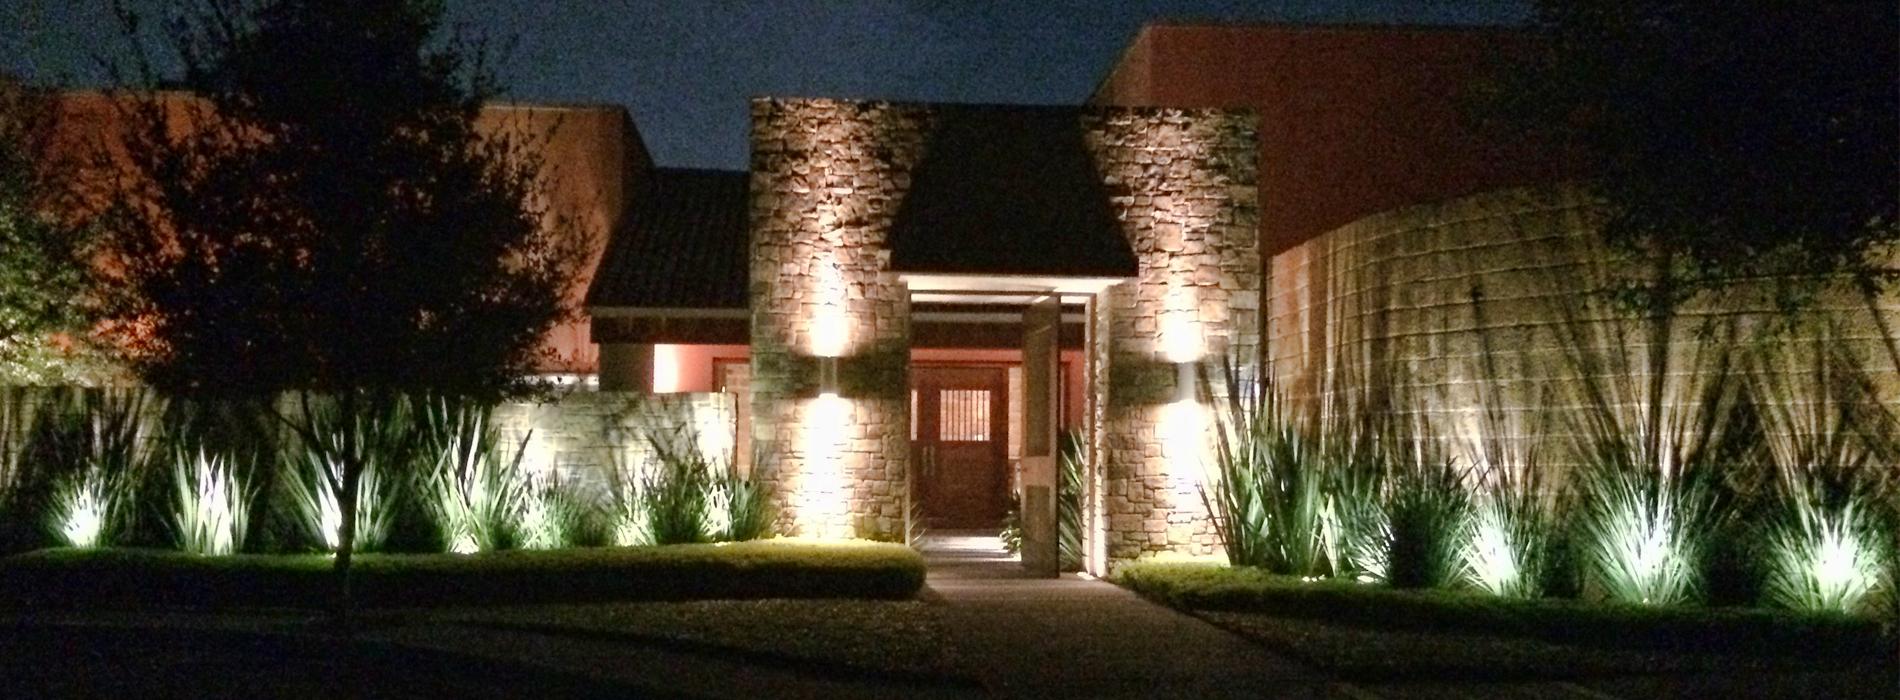 Lumipro focos para jardin iluminaci n de exterior - Iluminacion de exterior ...